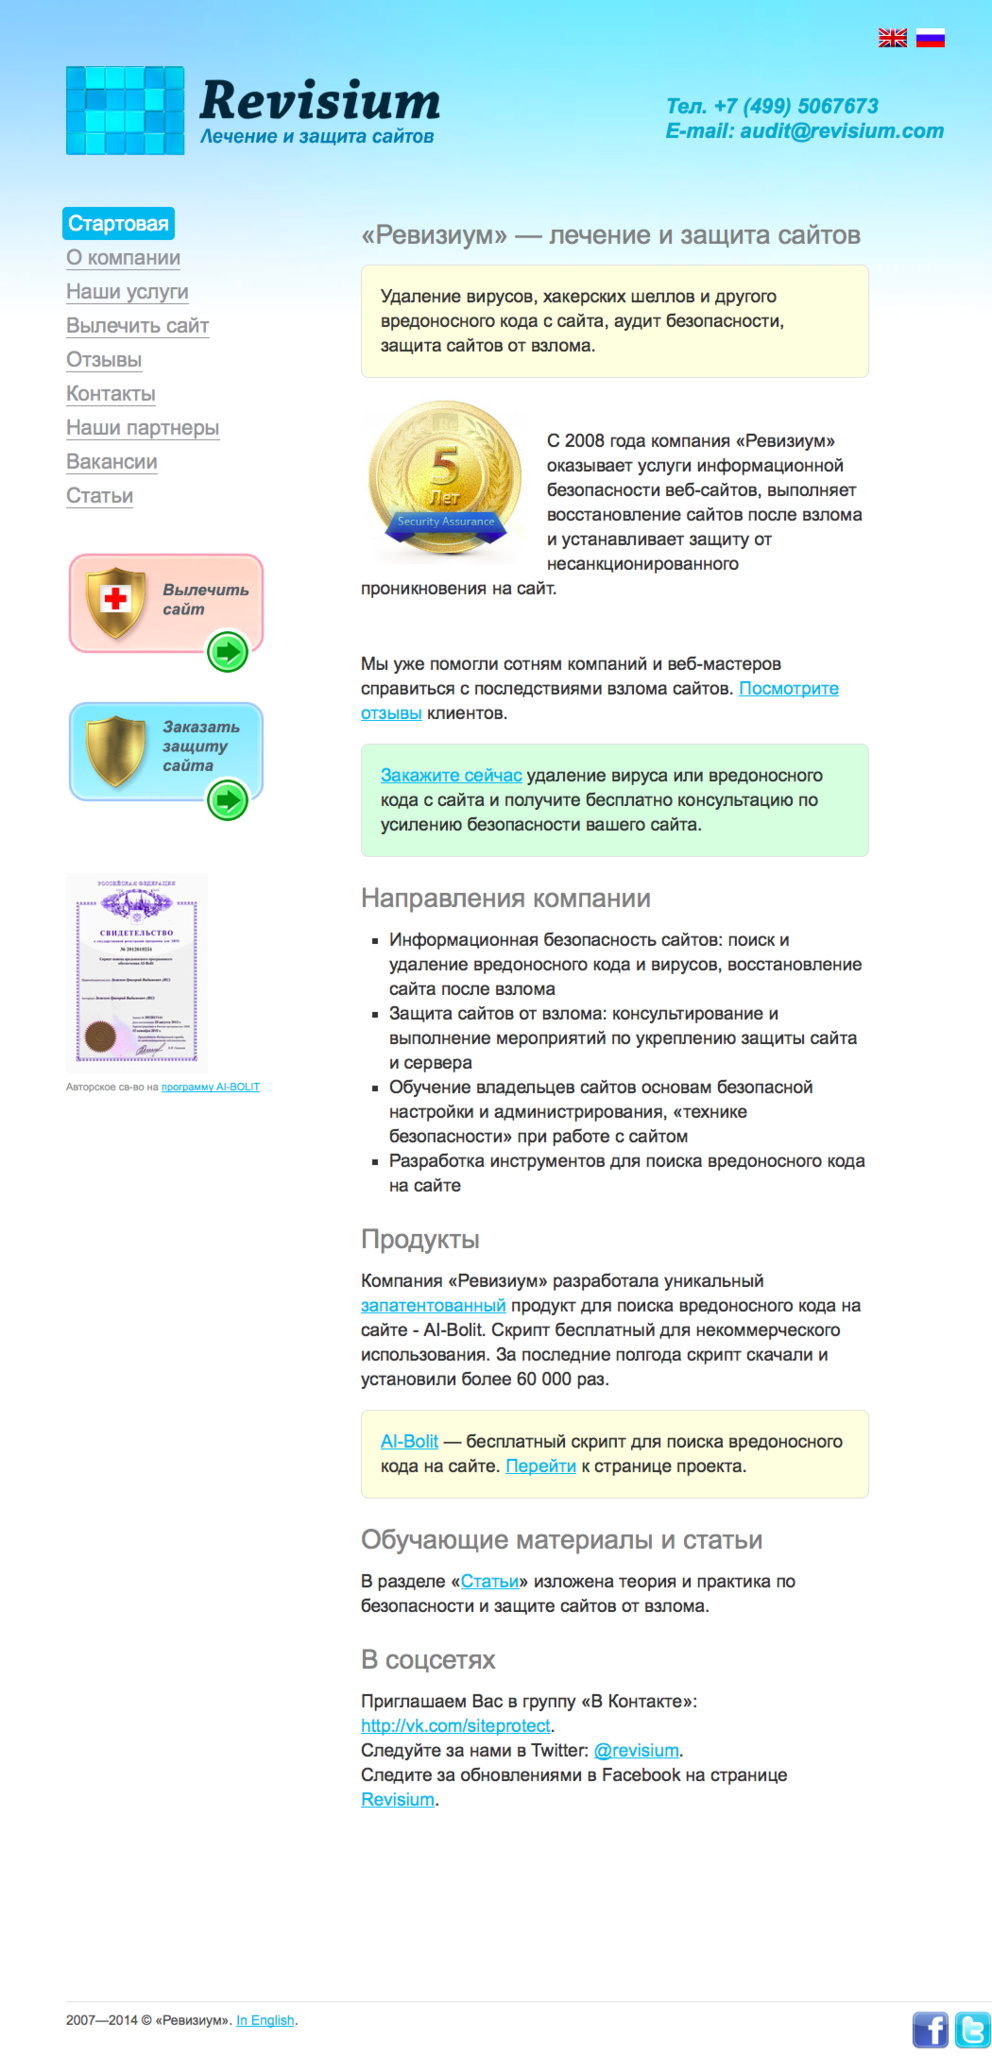 Ревизиум - лечение и защита сайтов от вирусов / Проект компании Revisium